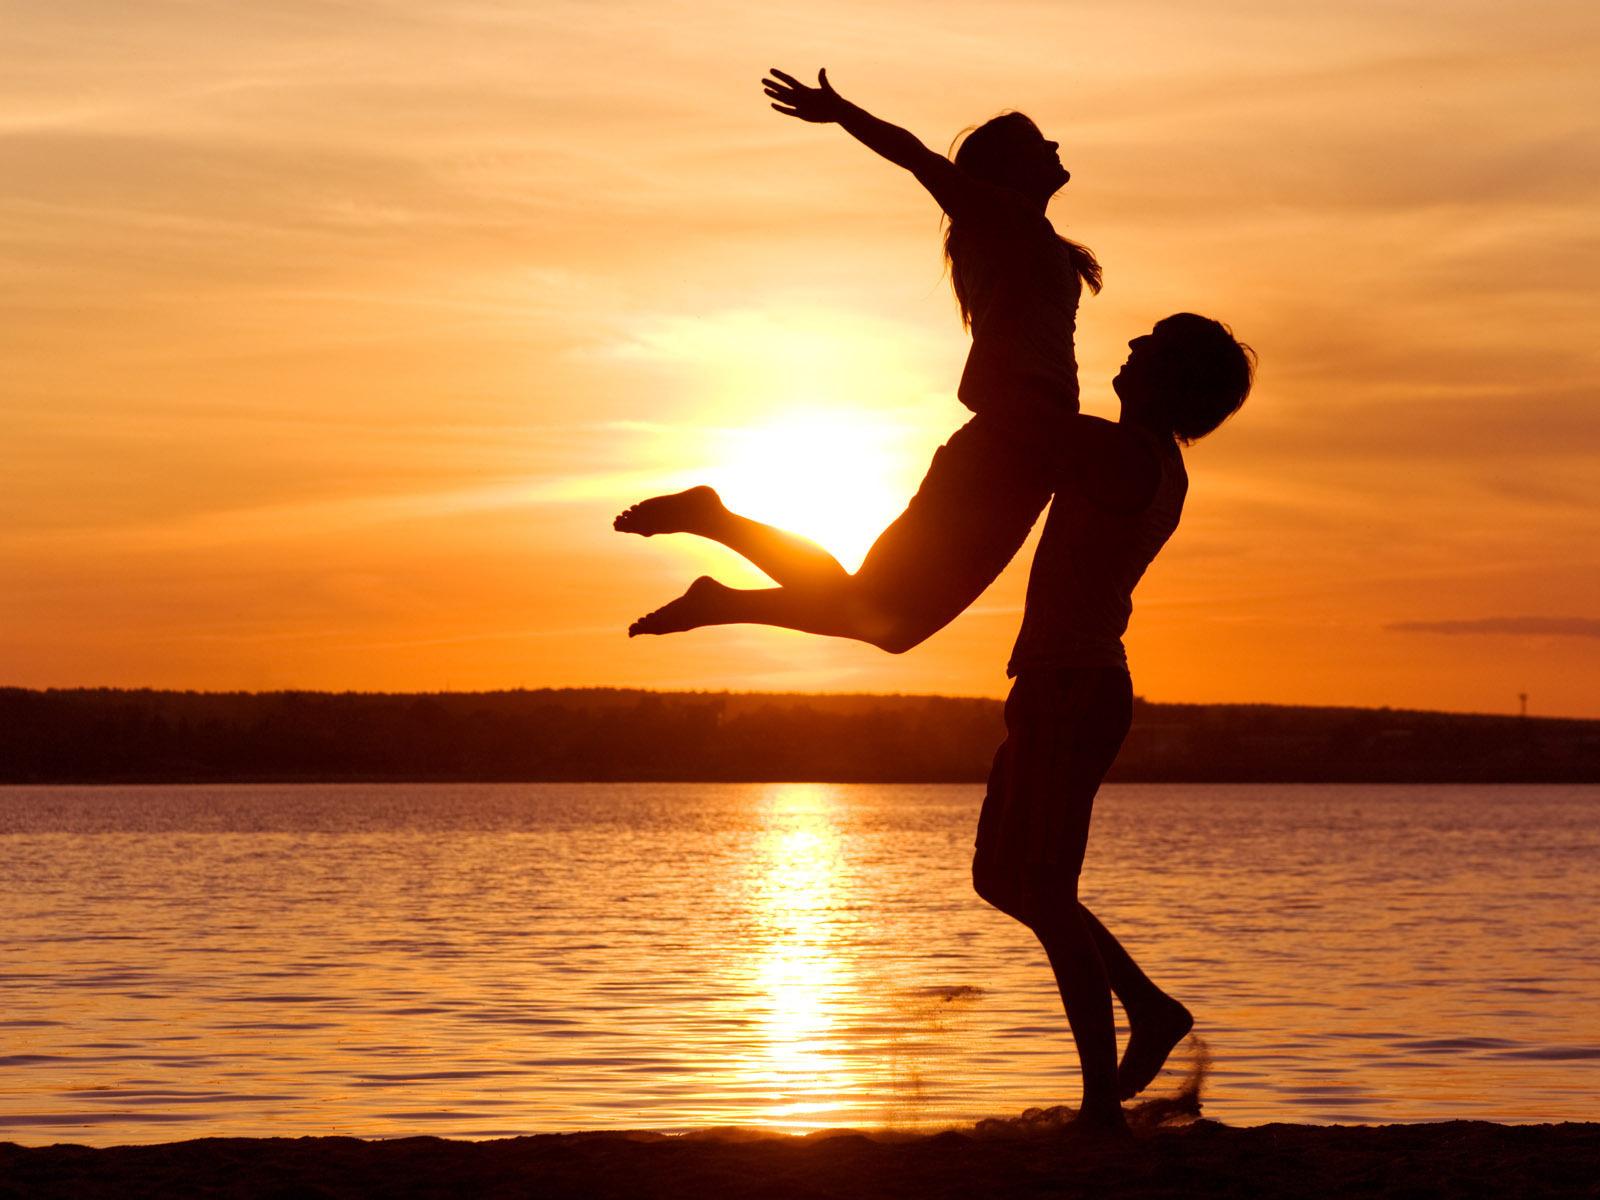 Imágenes romanticas